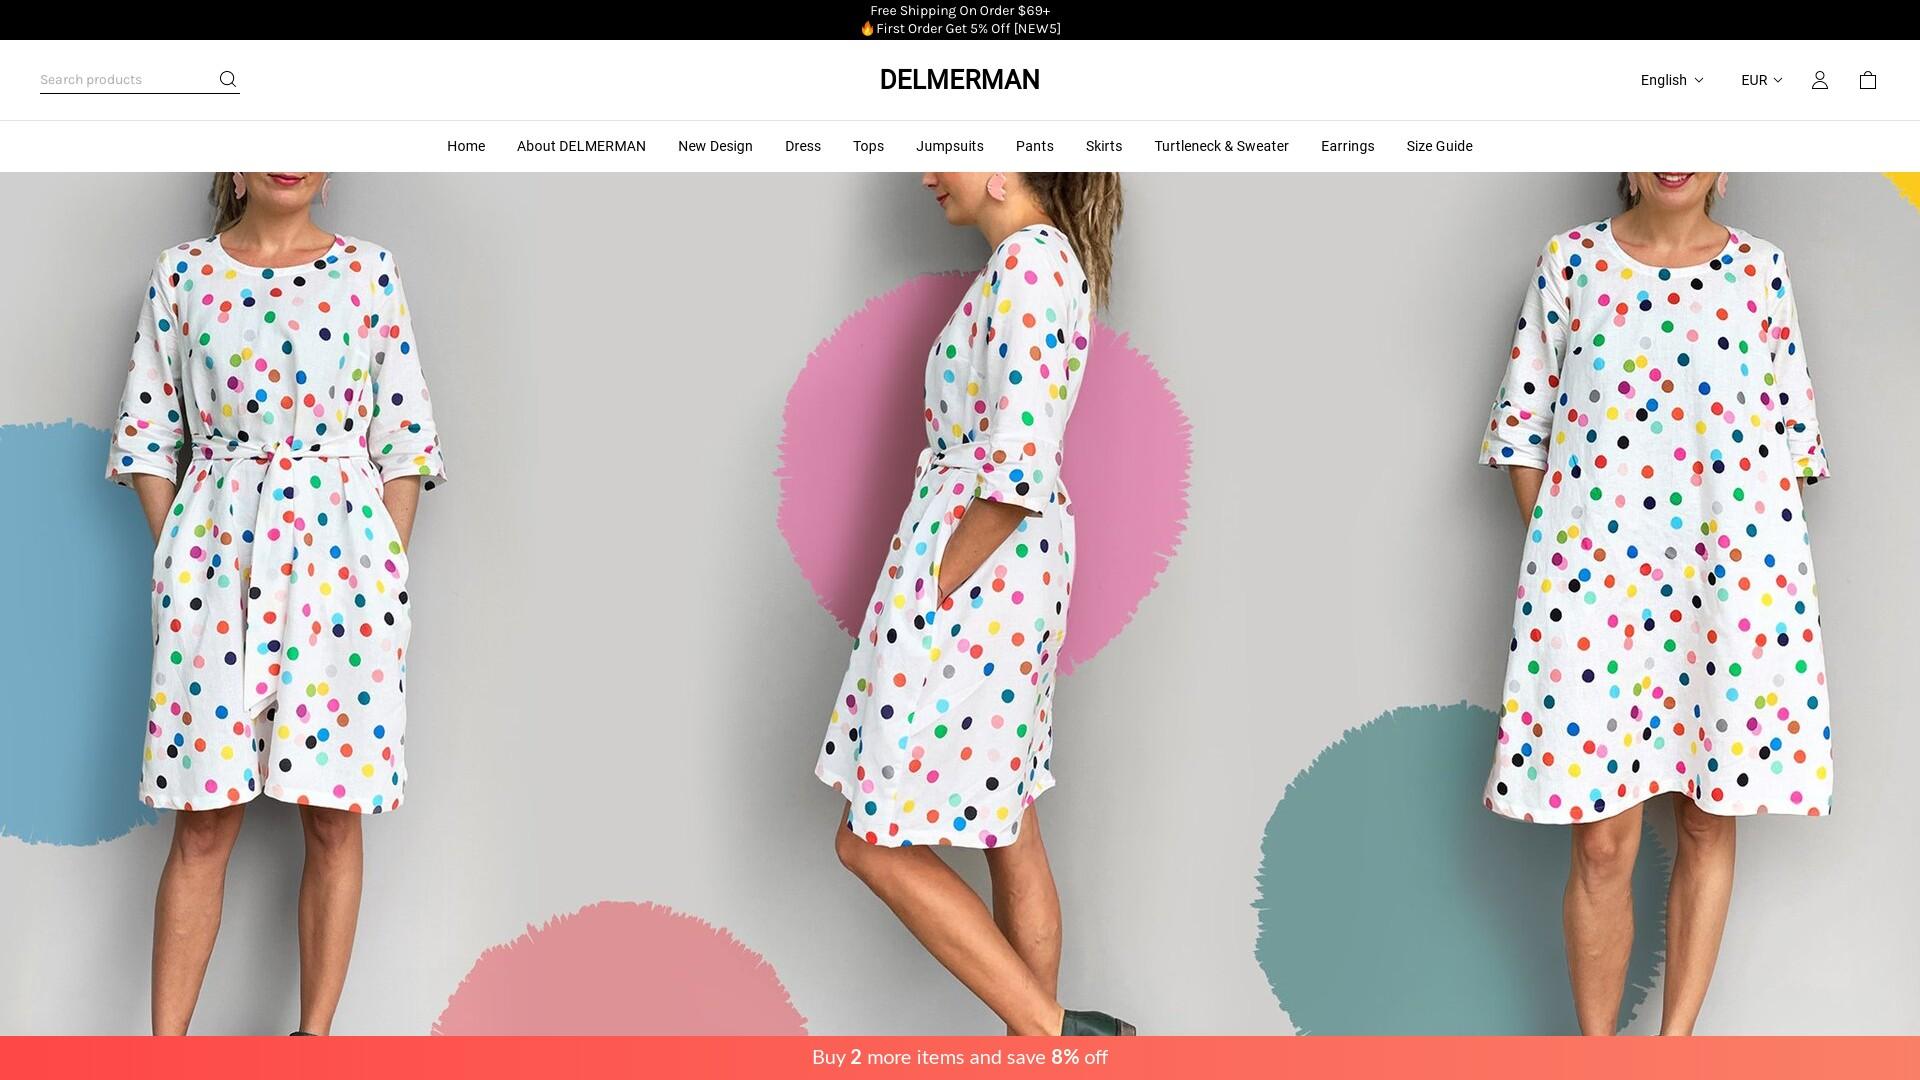 Delmerman at delmerman.com